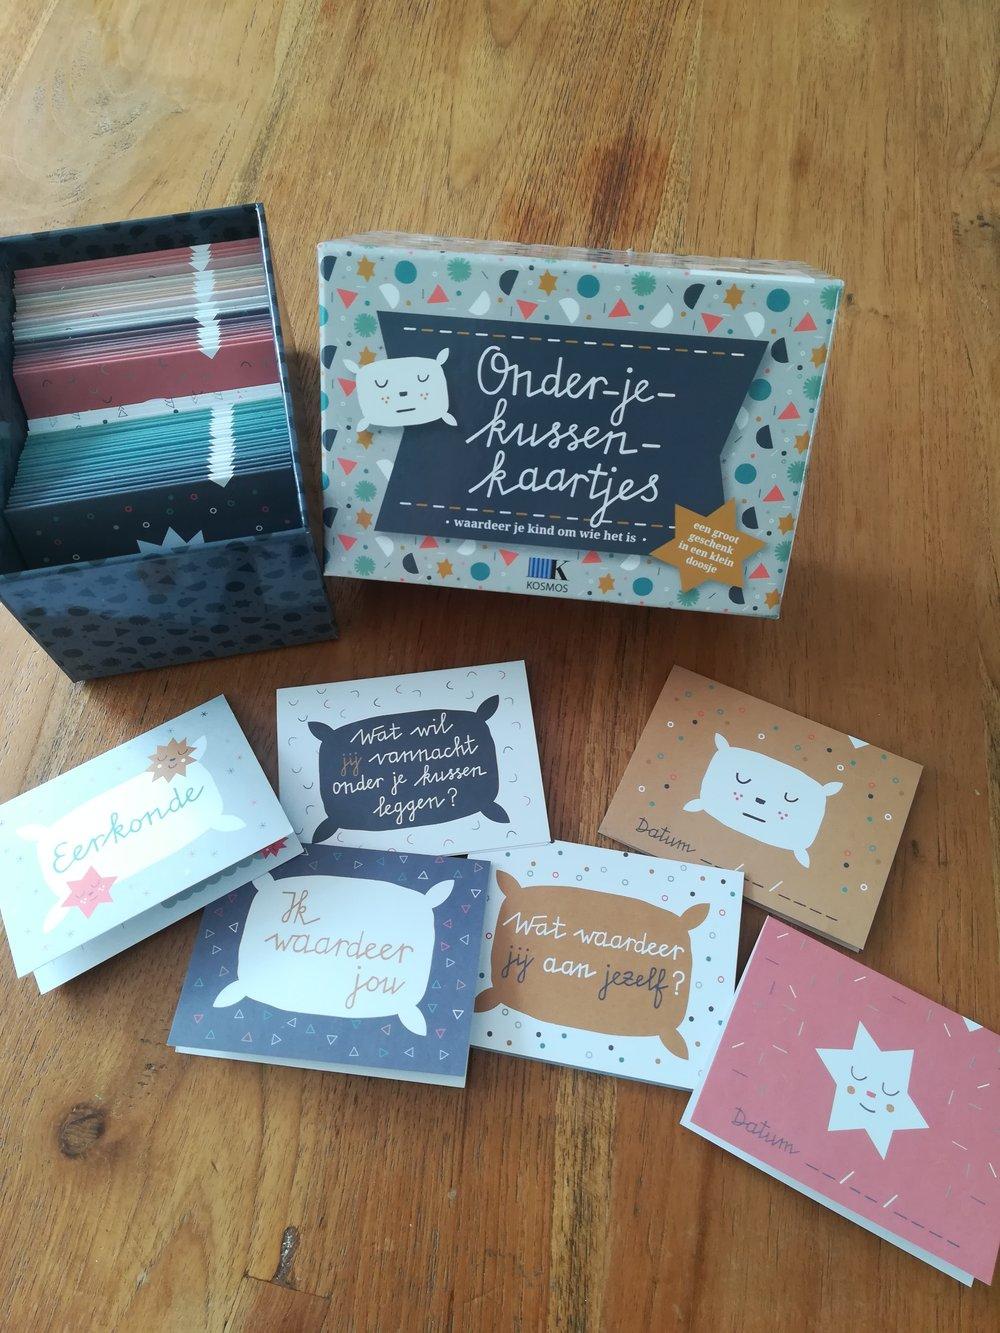 Onder je kussen kaartjes - Wat waardeer jij aan je kind? Schrijf het op en leg het onder het kussen. Voor een gezond gevoel van eigenwaarde.#samendoen